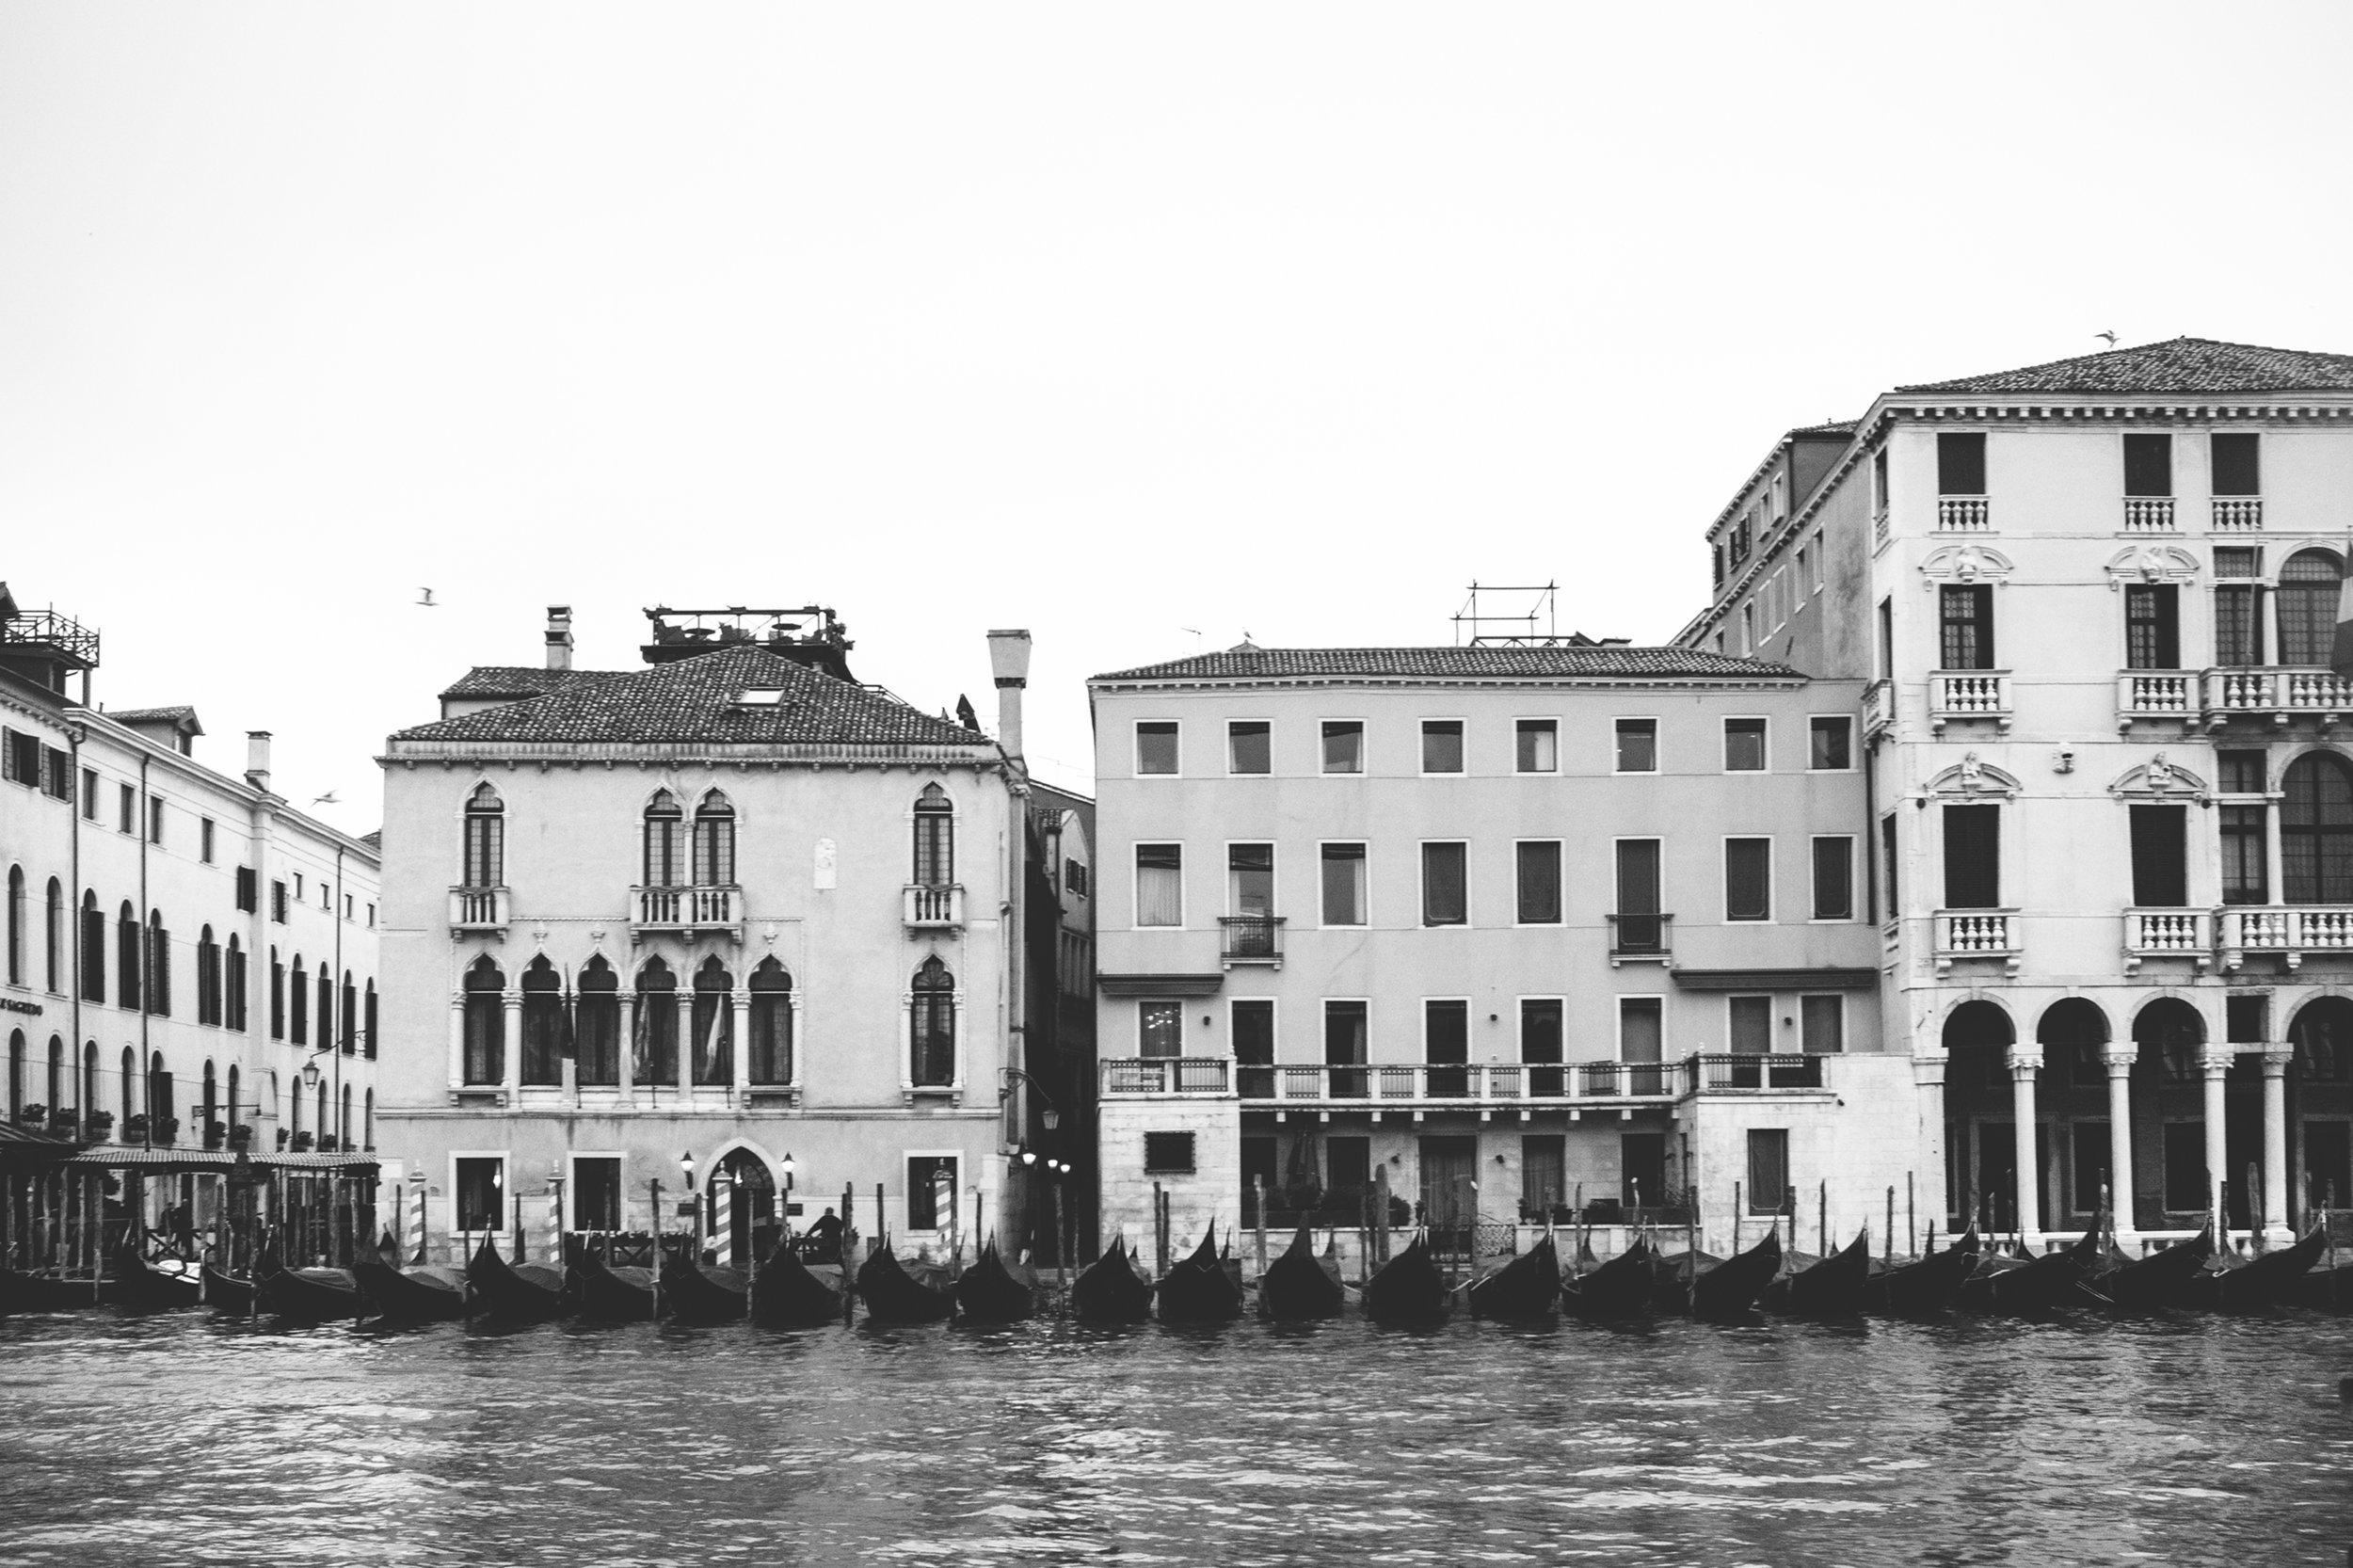 Venice_06032016_153_bw.jpg